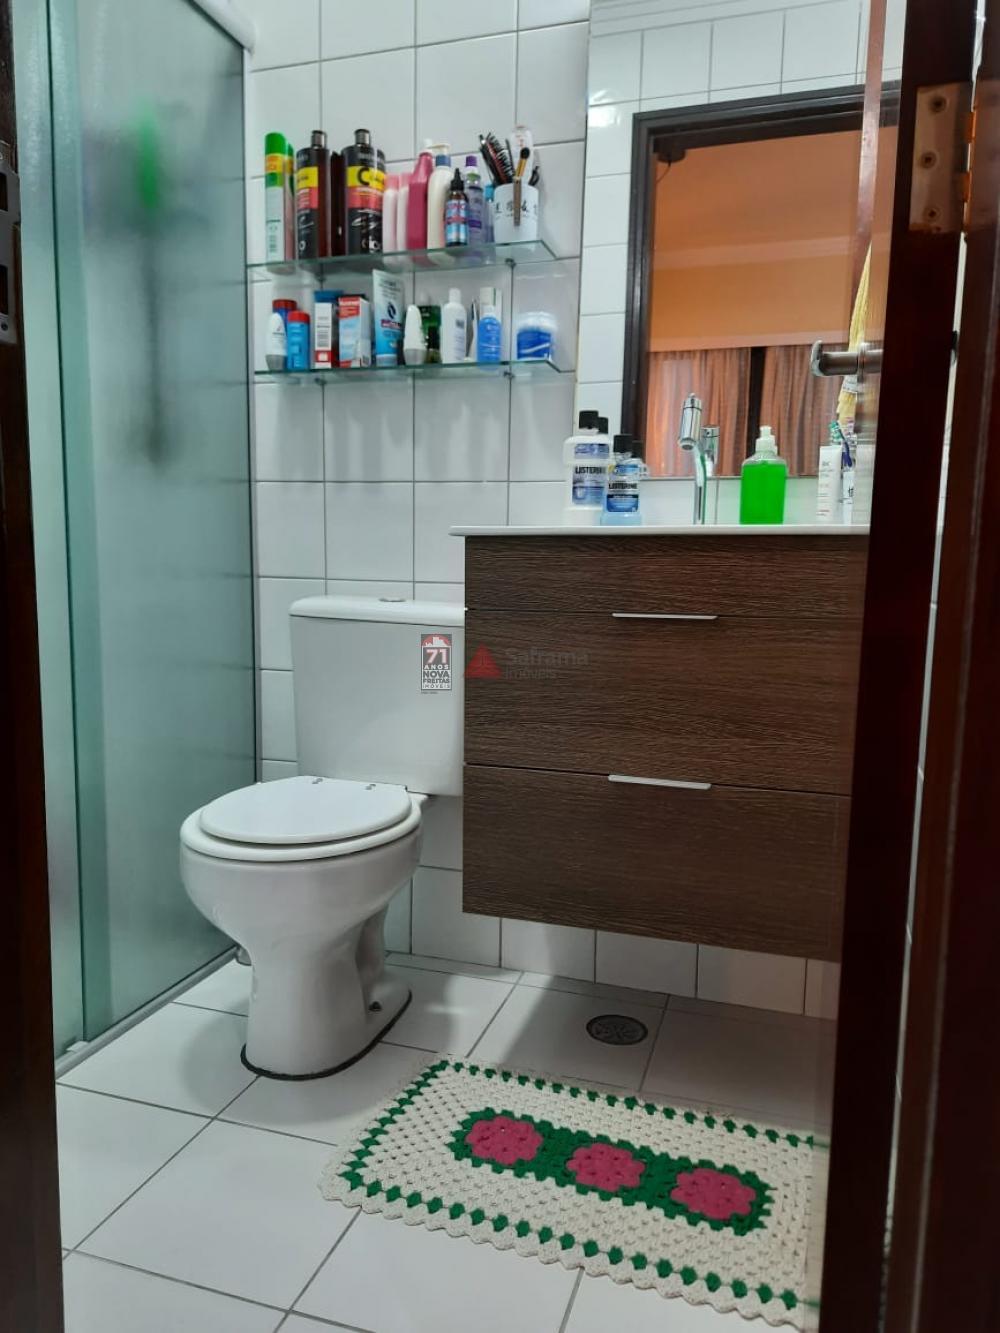 Comprar Apartamento / Padrão em São José dos Campos R$ 680.000,00 - Foto 13